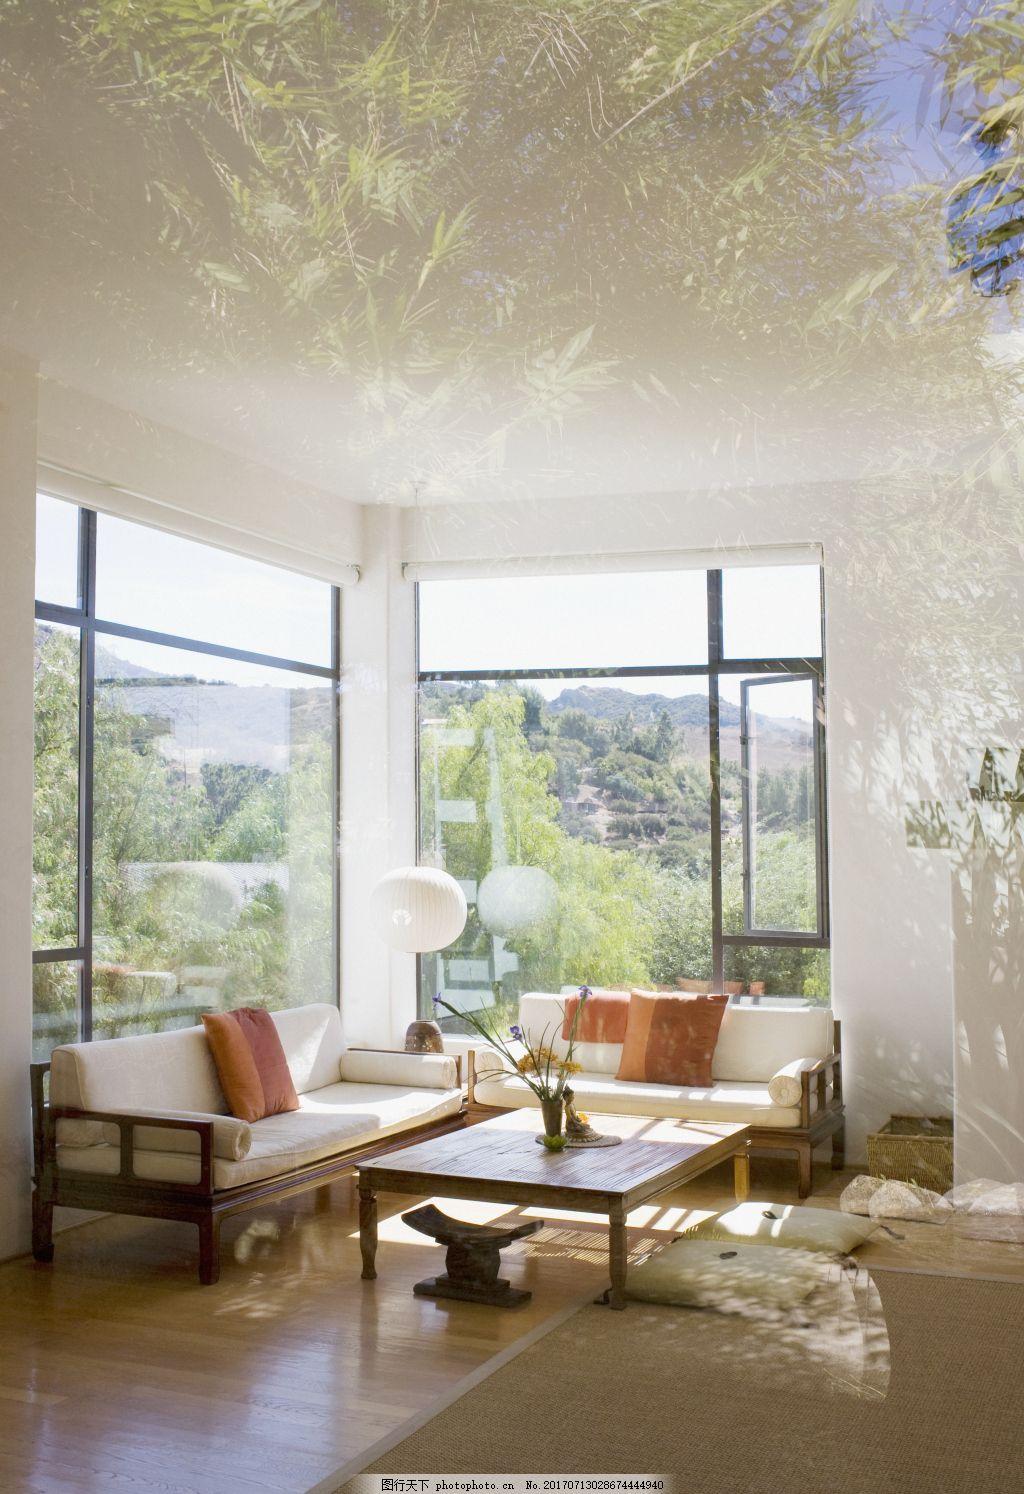 欧式客厅效果图 欧式 白色烤漆 墙纸 挂画 筒灯 石膏人 木线条 花型